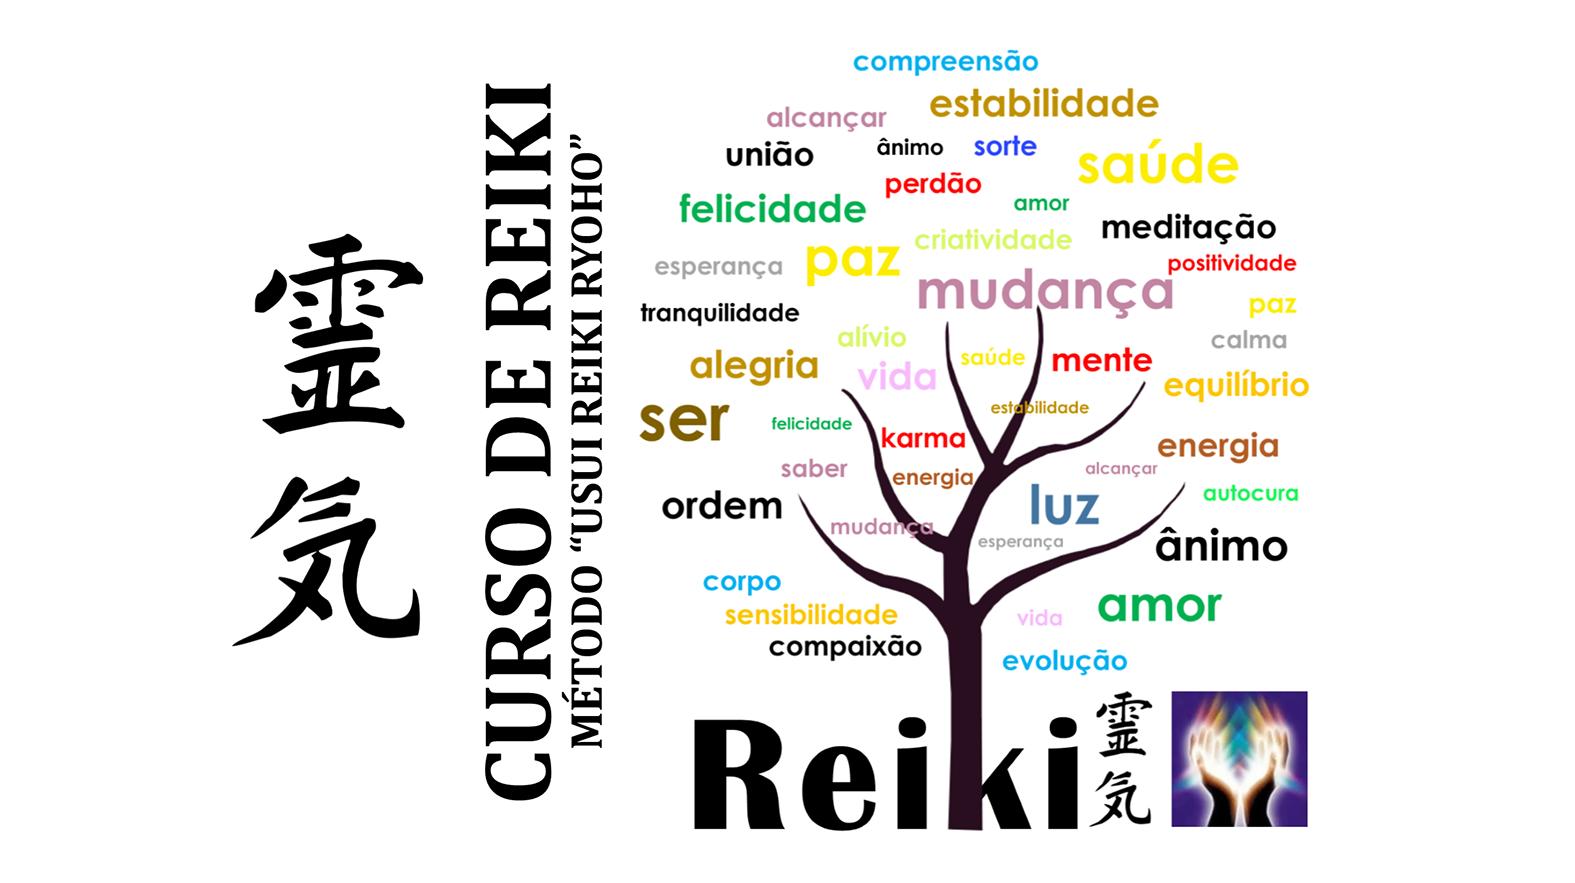 Curso de Reiki - Faça sua Inscrição!